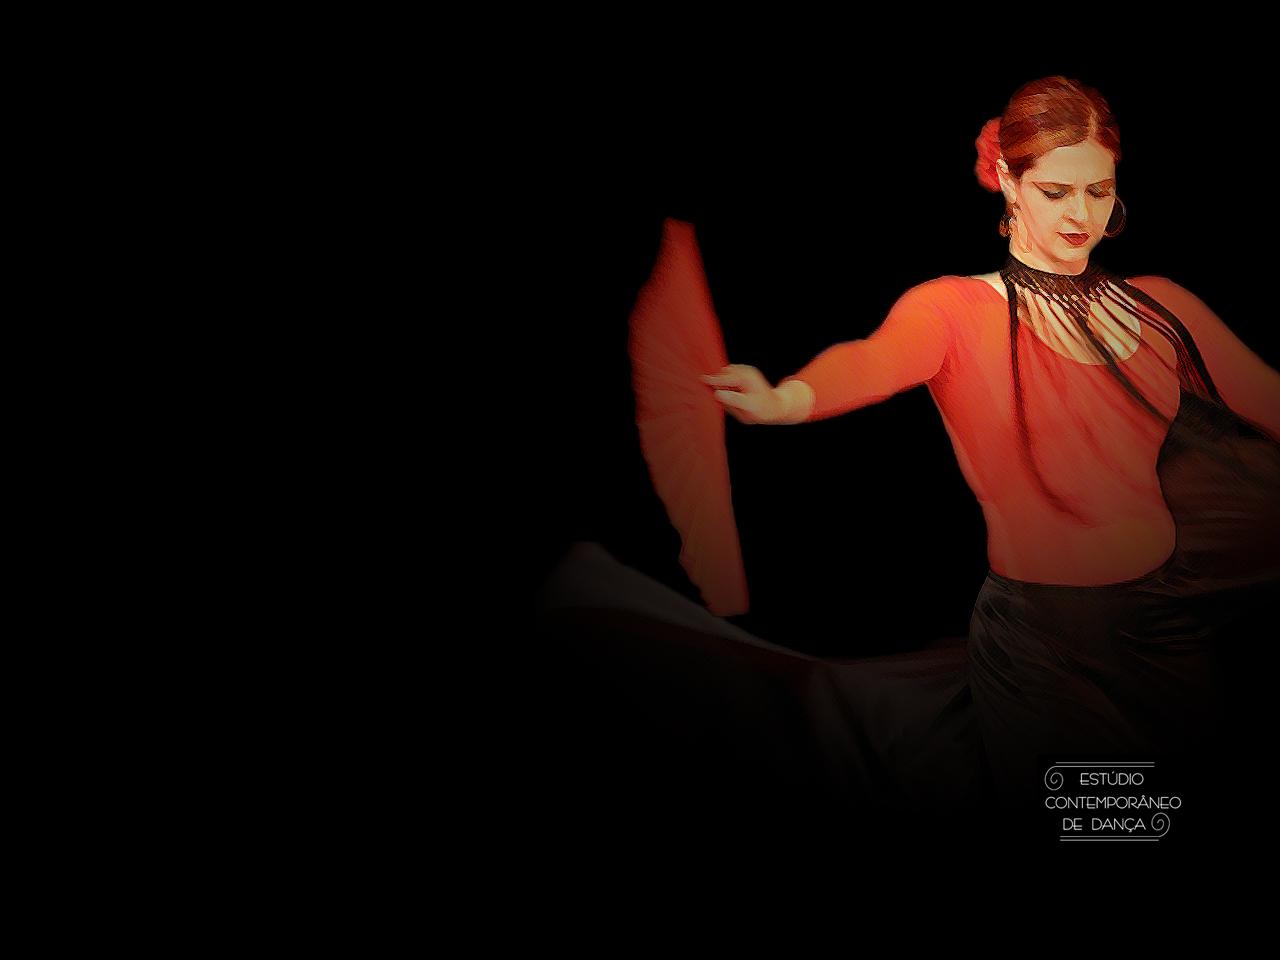 flamenco wallpaper wallpapersafari - photo #3